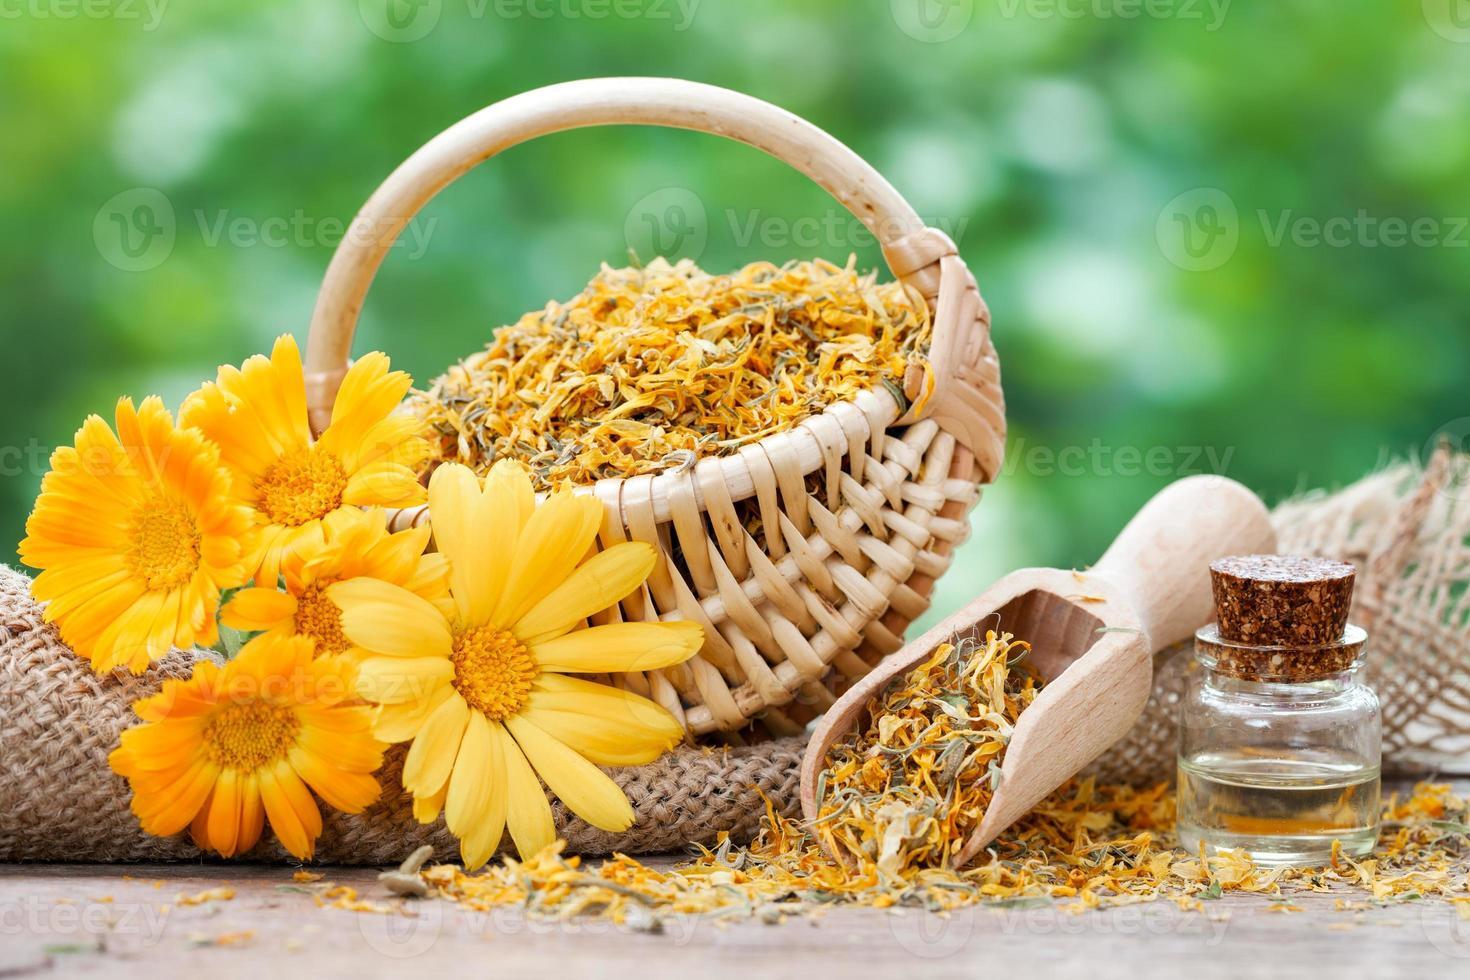 flores de caléndula, canasta con plantas secas y botella de aceite foto